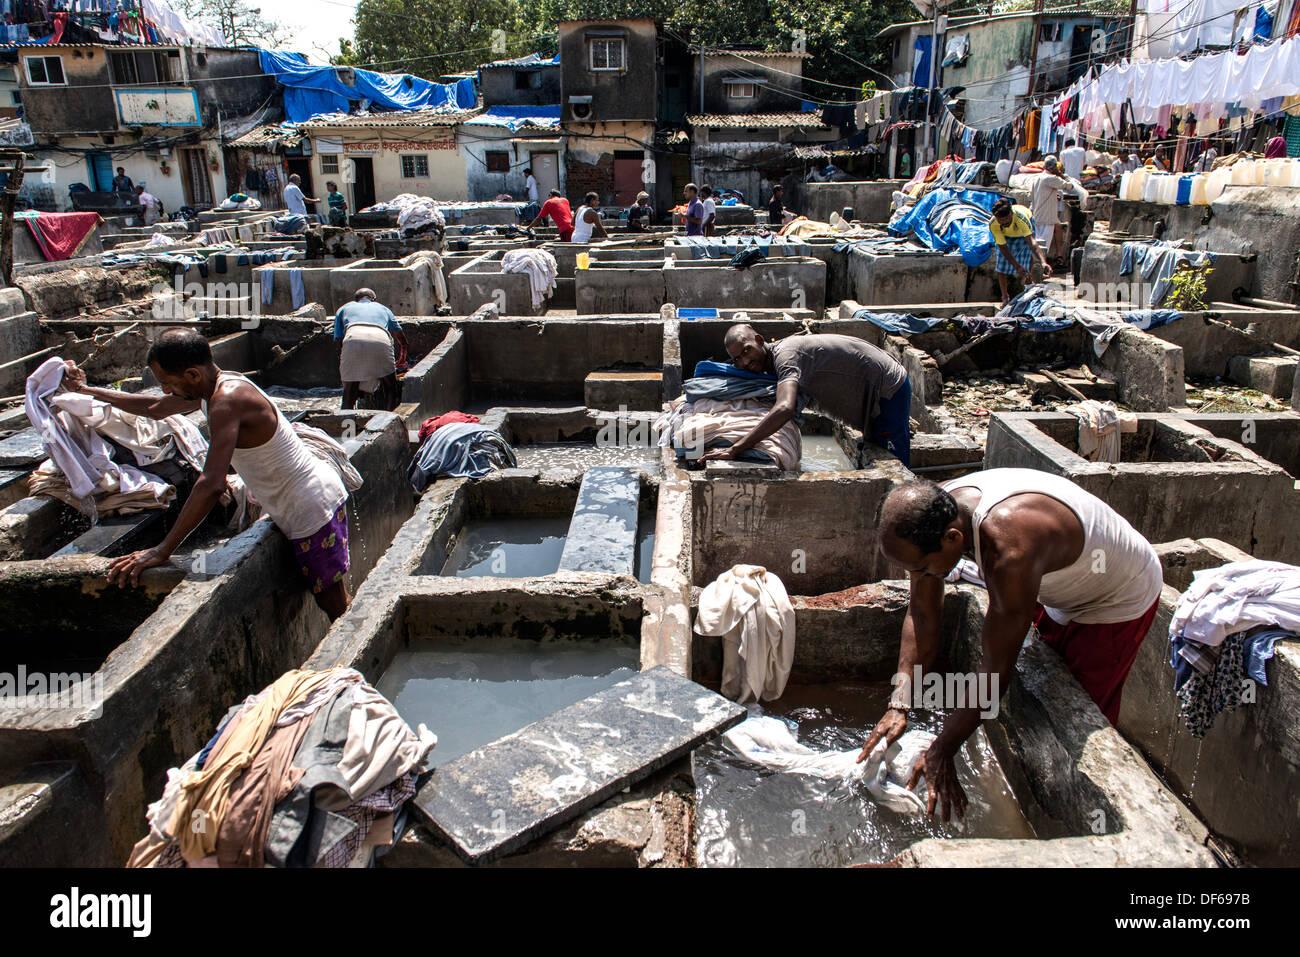 Les hommes indiens laver les vêtements à Mahalaxmi Dhobi Ghat ou laverie Mumbai Inde Photo Stock